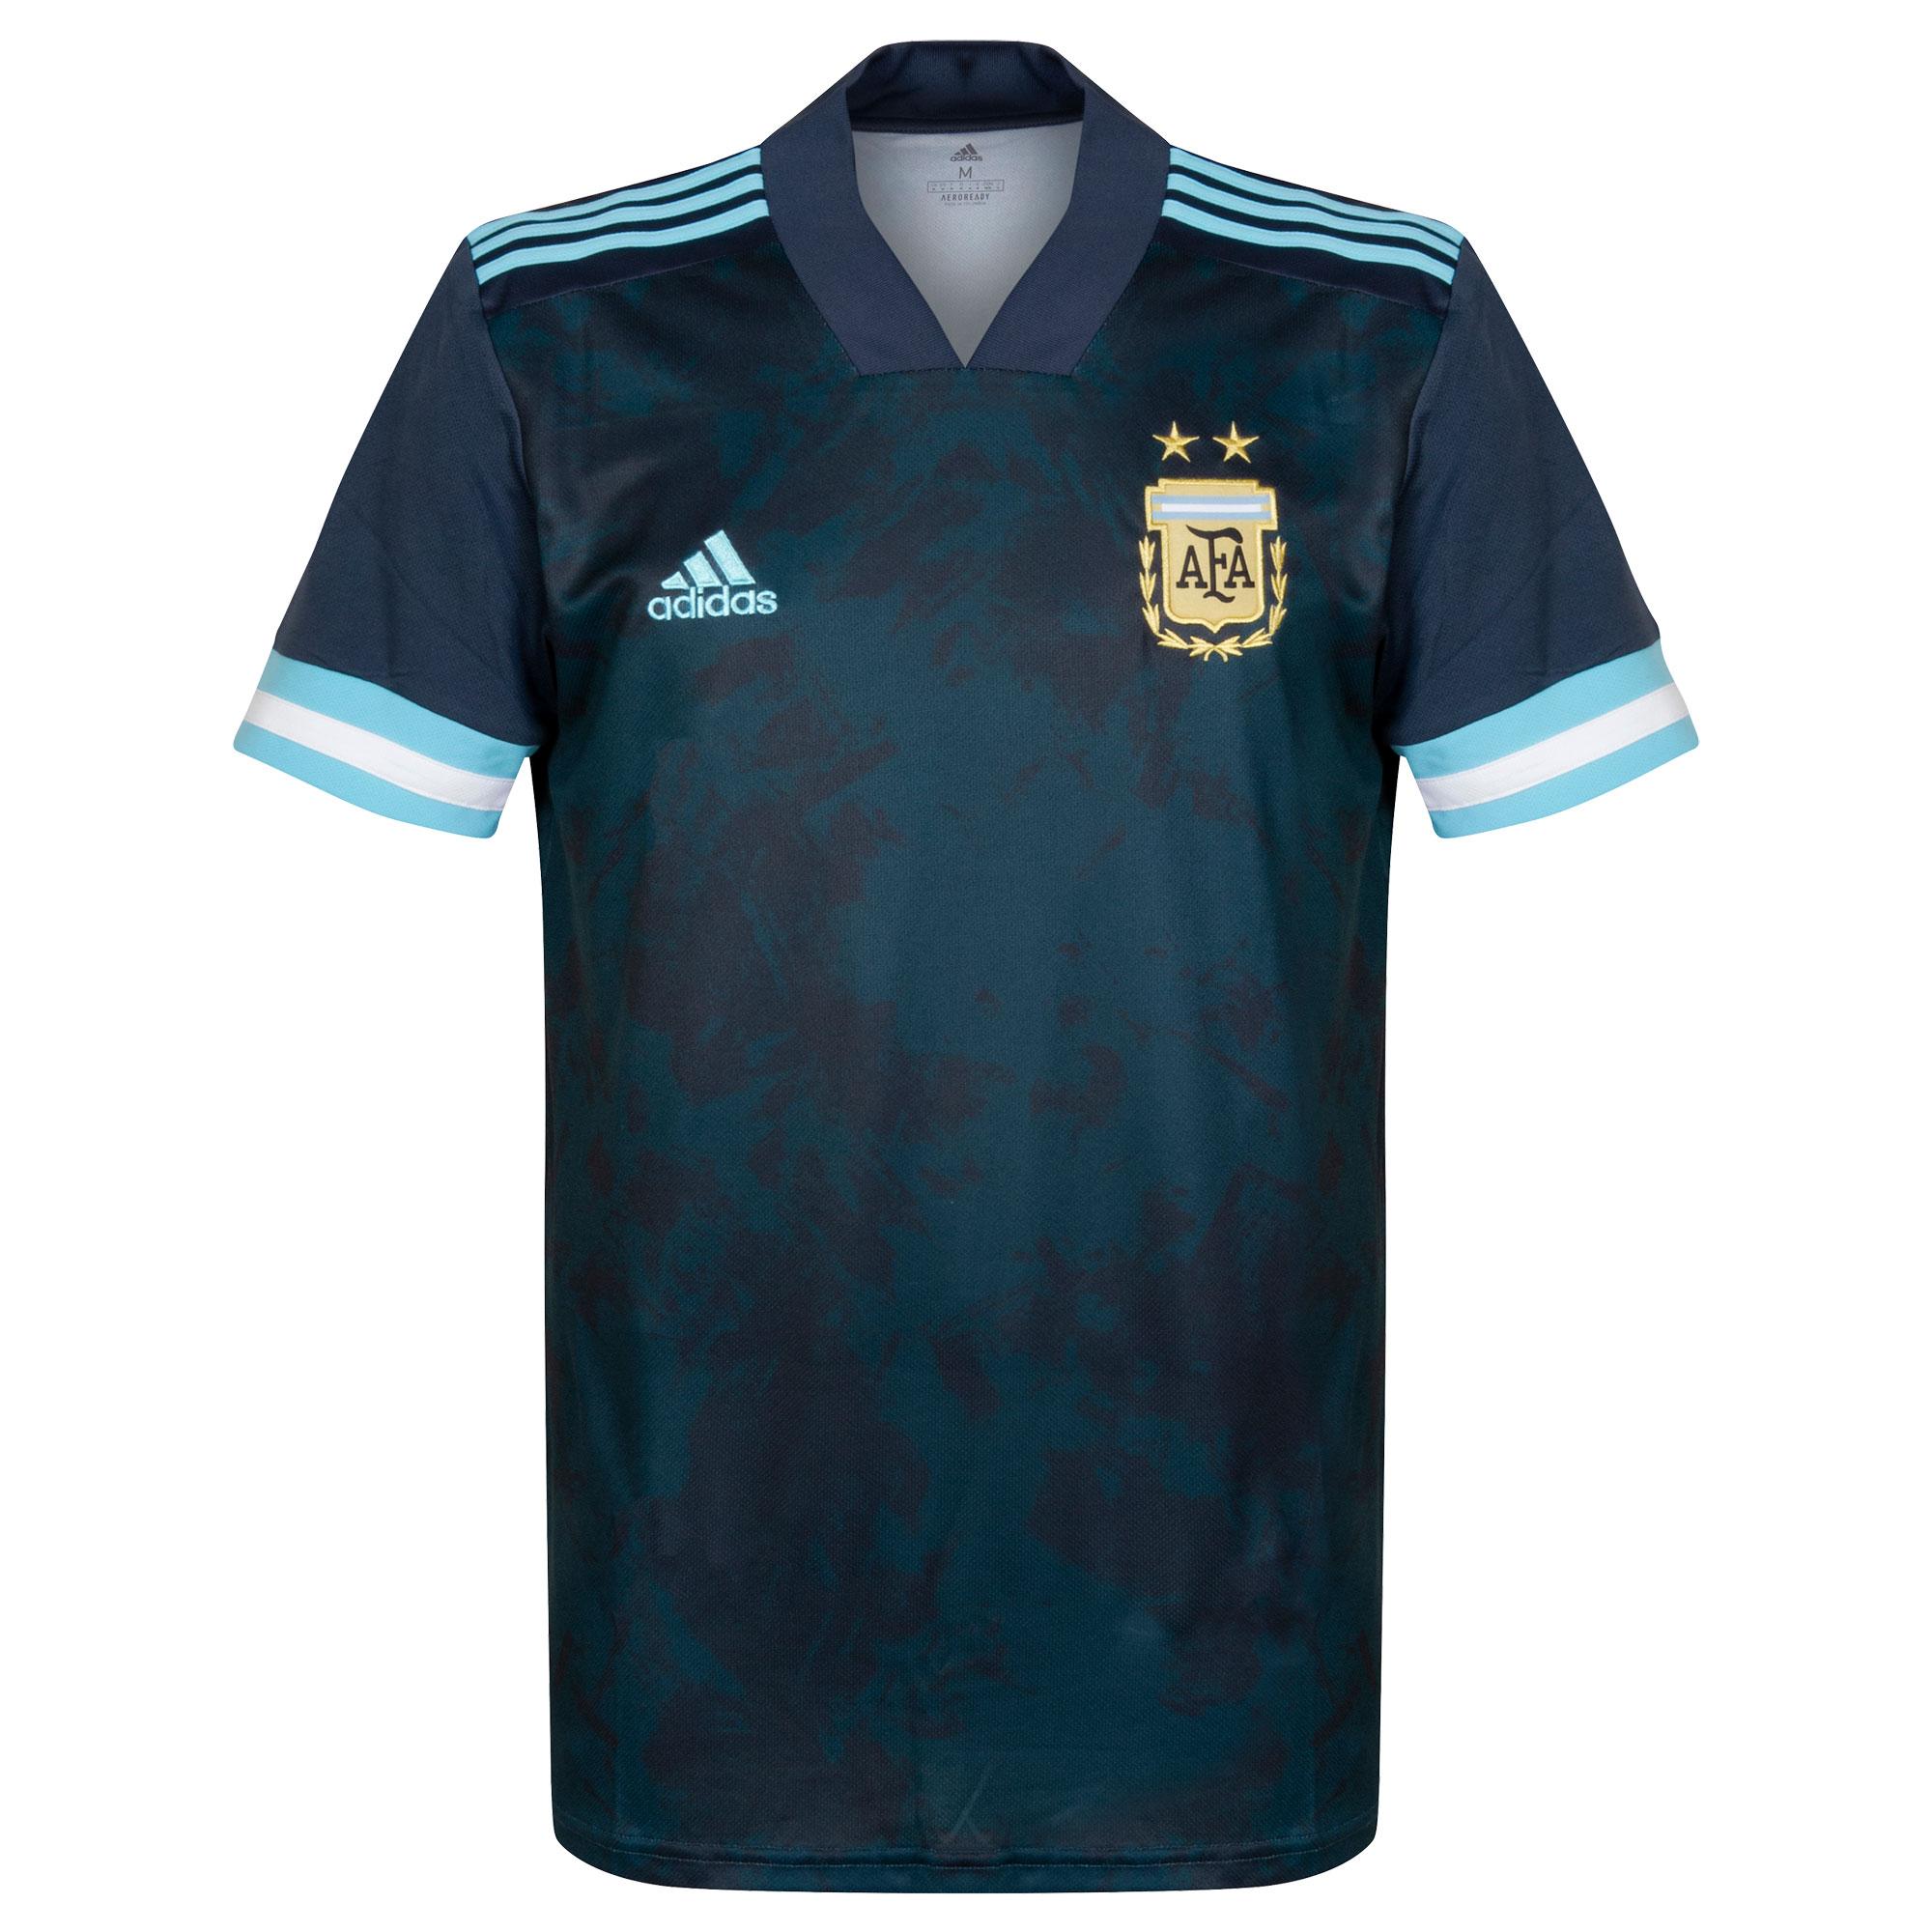 adidas Argentina Away Shirt 2020-2021